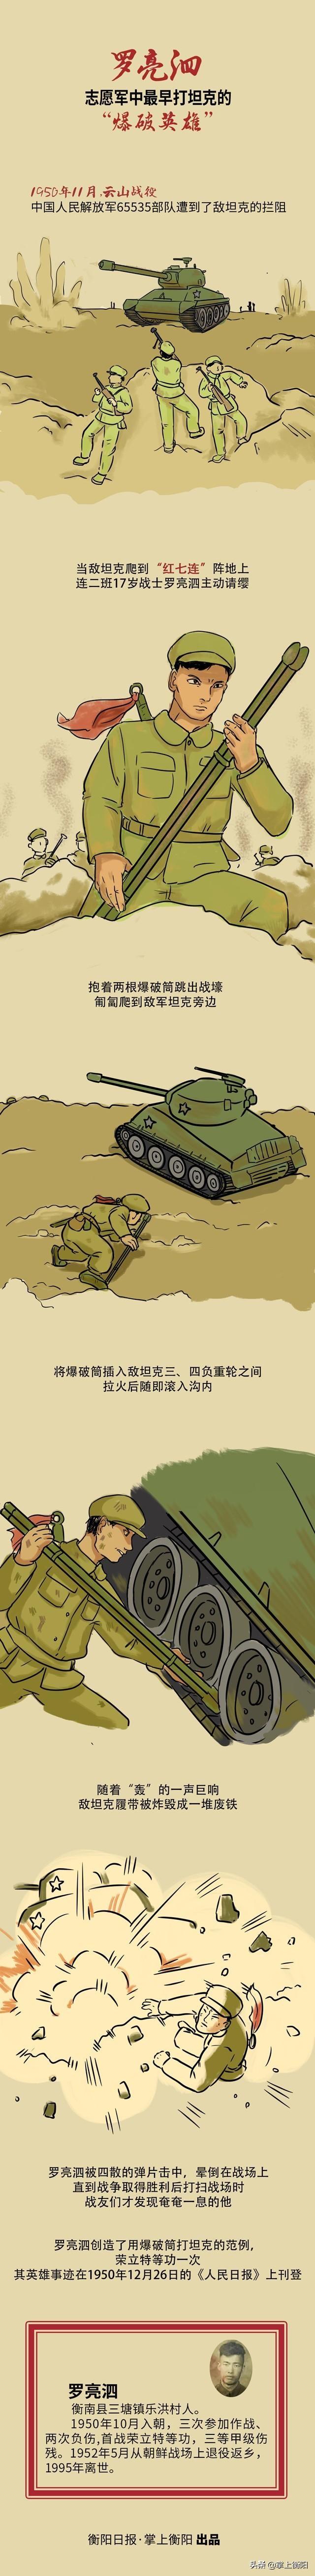 打坦克、炸碉堡……看衡阳好儿郎保家卫国,无畏生死